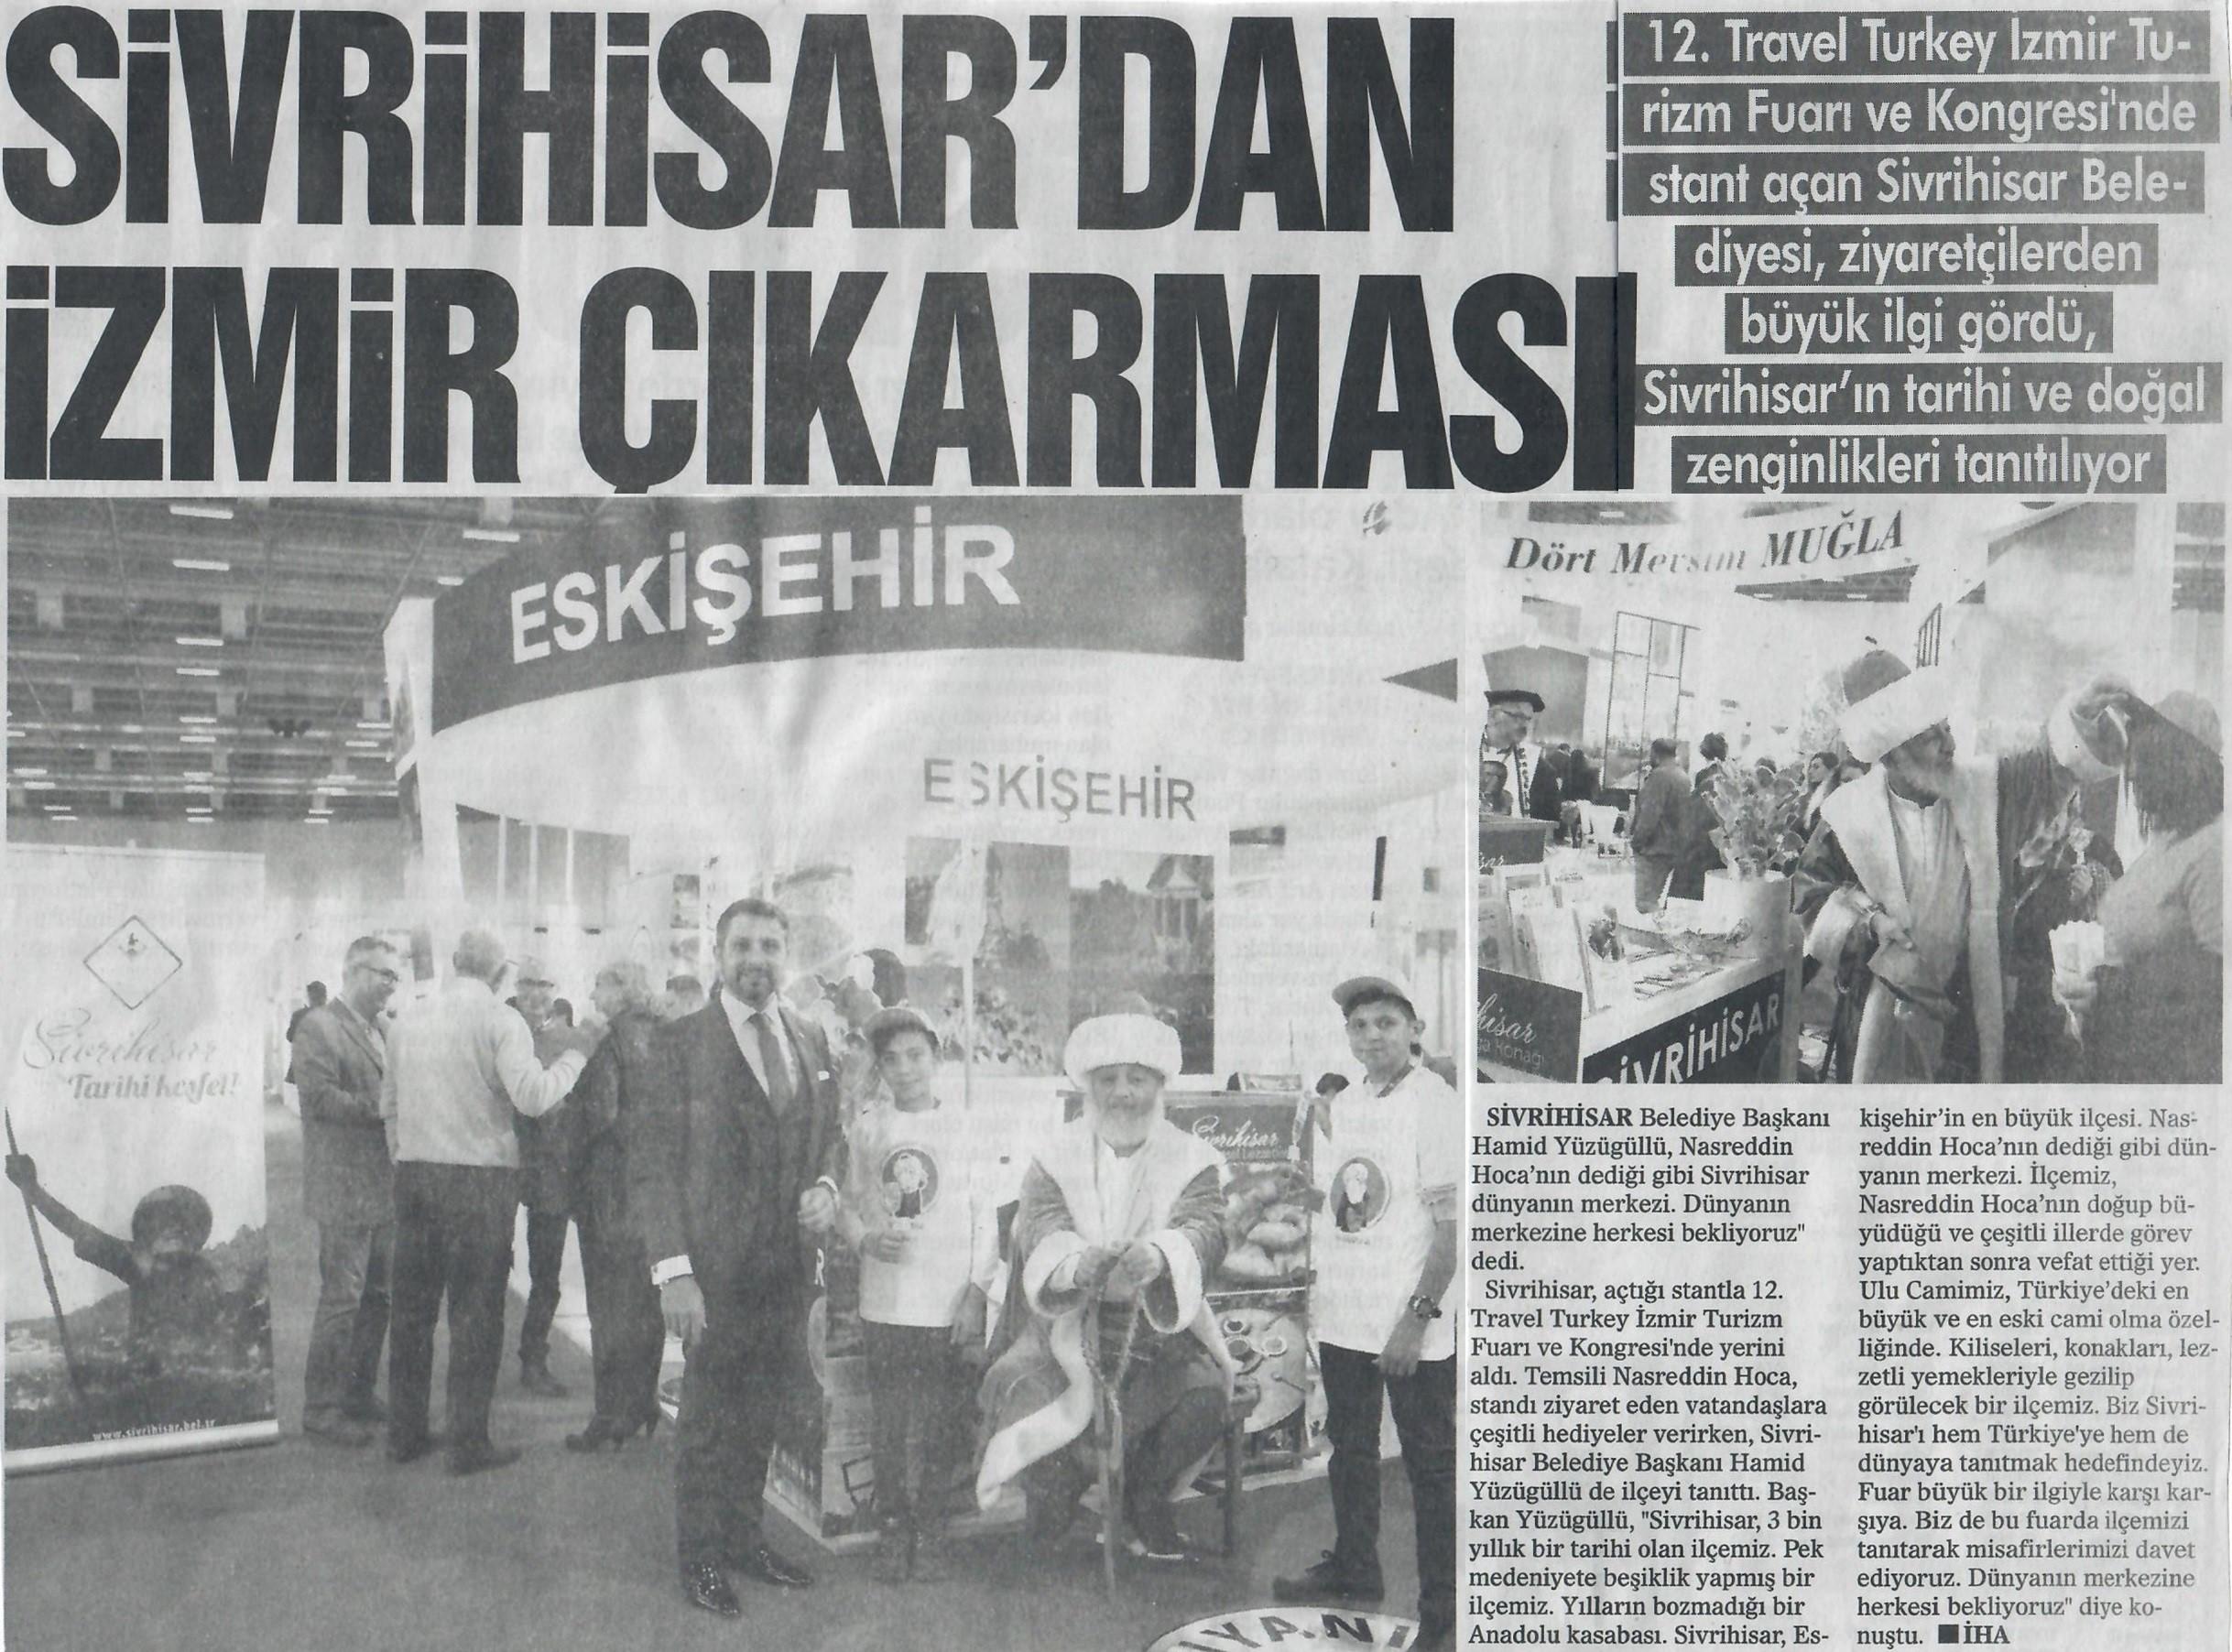 Sivrihisar'dan İzmir Çıkarması